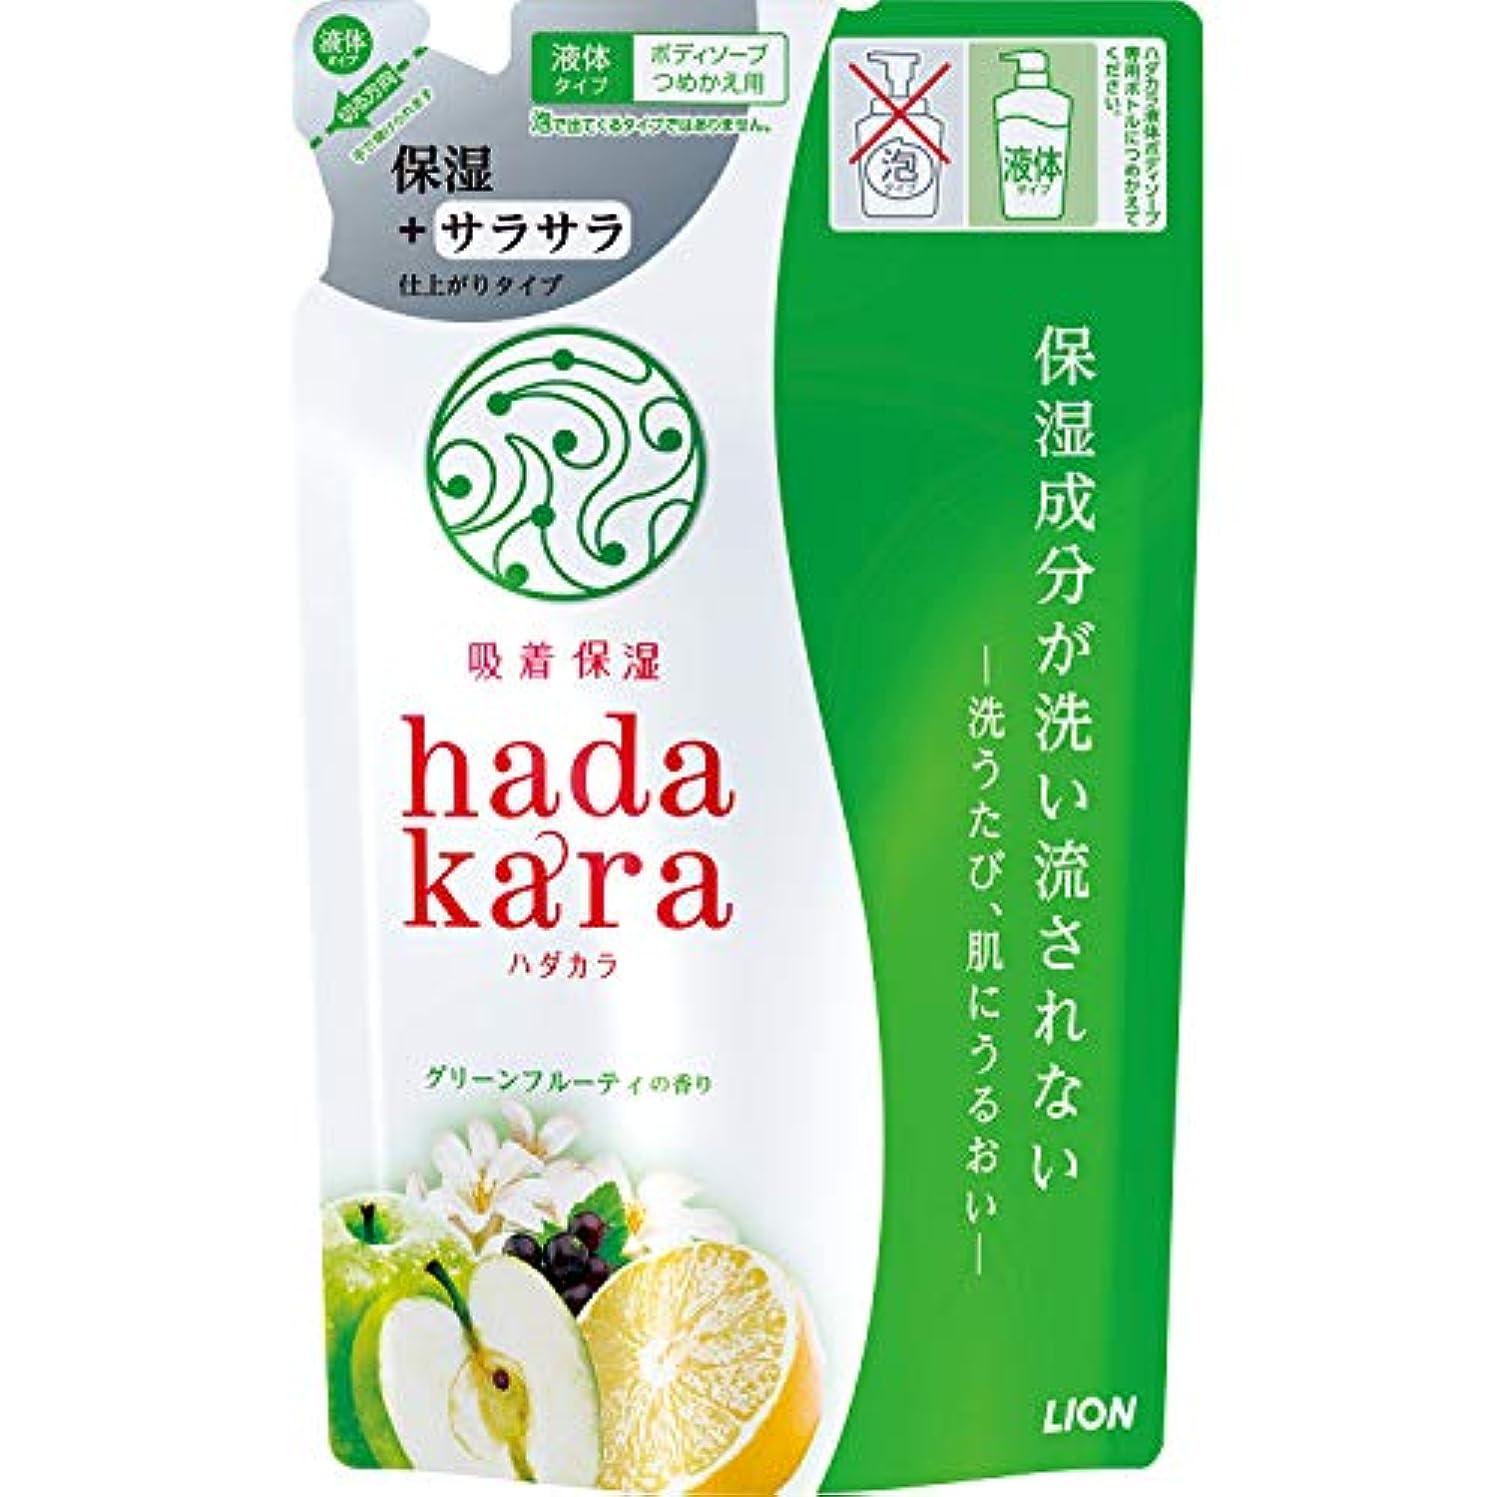 見物人素敵な優遇hadakara(ハダカラ) ボディソープ 保湿+サラサラ仕上がりタイプ グリーンフルーティの香り 詰め替え 340ml